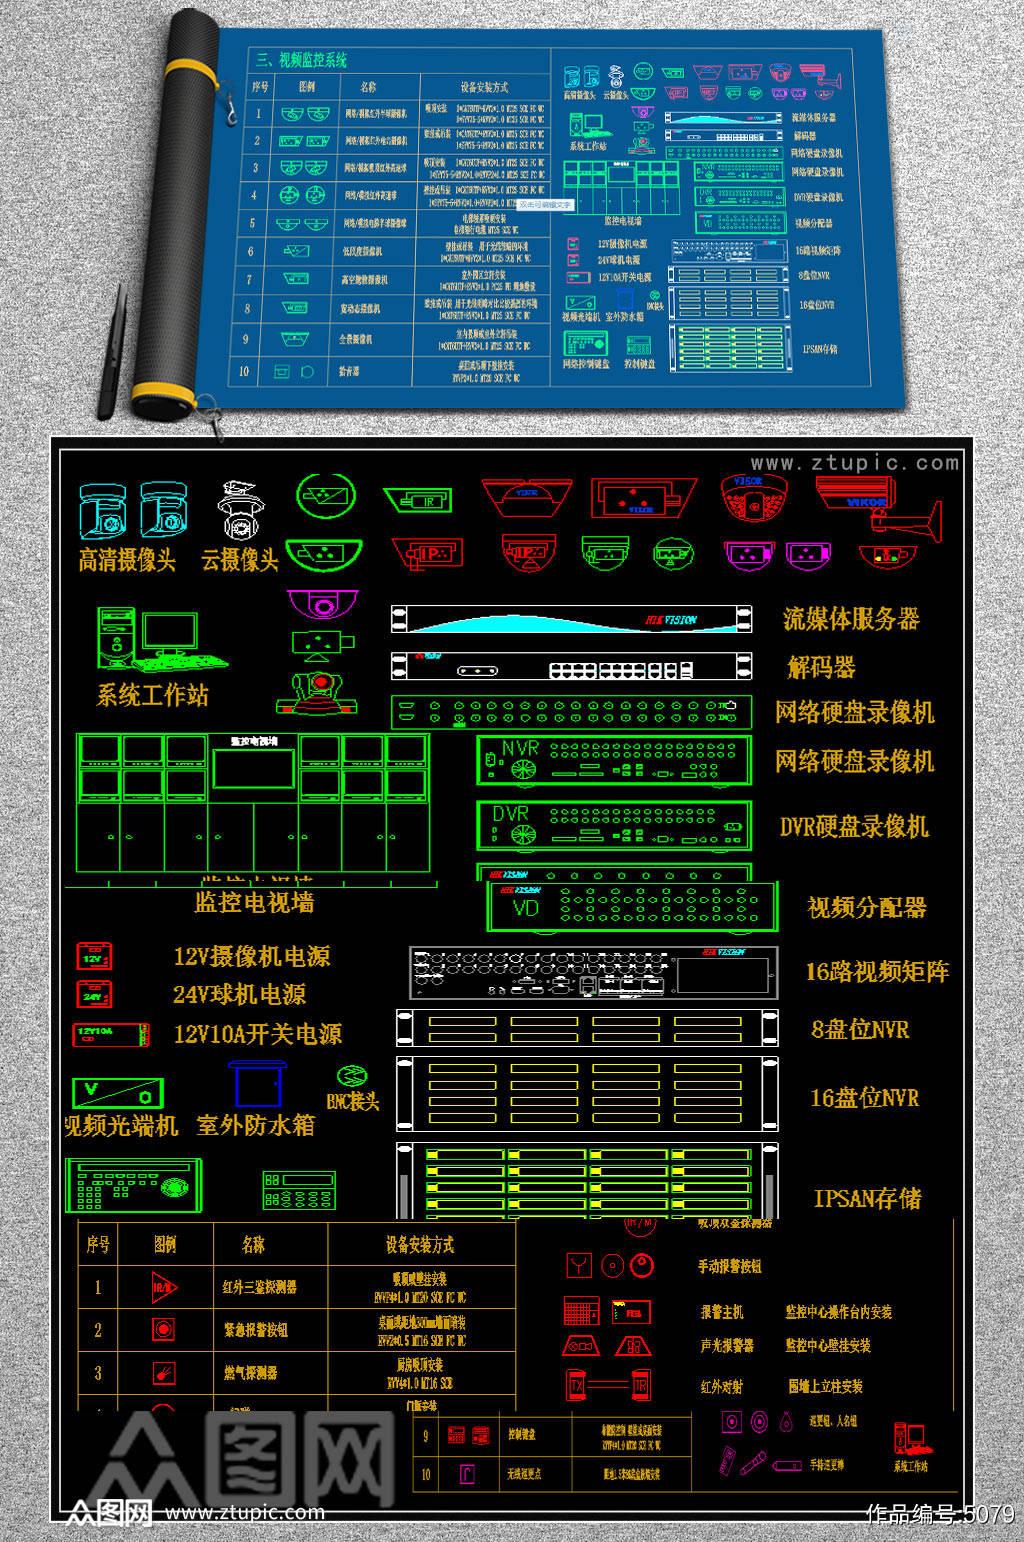 原创智能弱电安防监控图块网络设备图库图块图素材